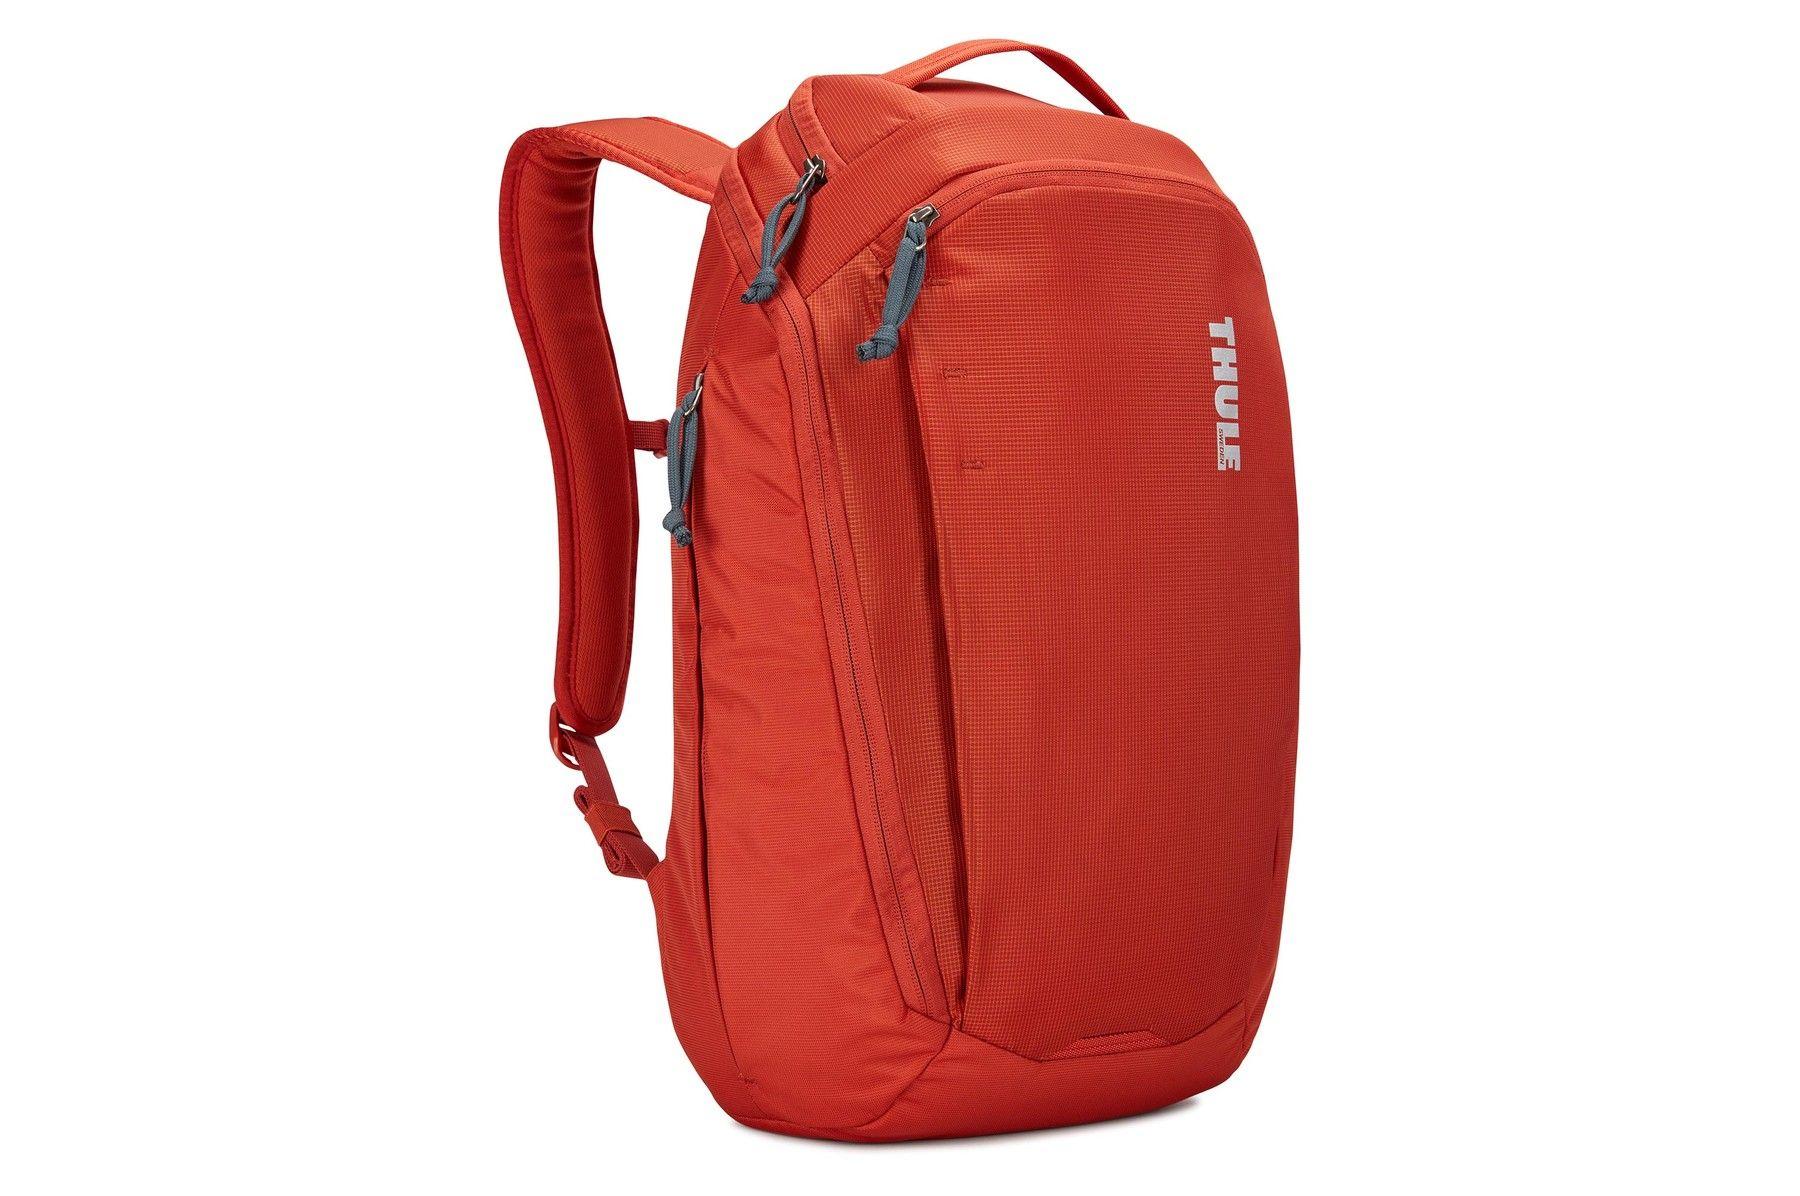 Univerzalni ruksak Thule EnRoute Backpack 23L crveni